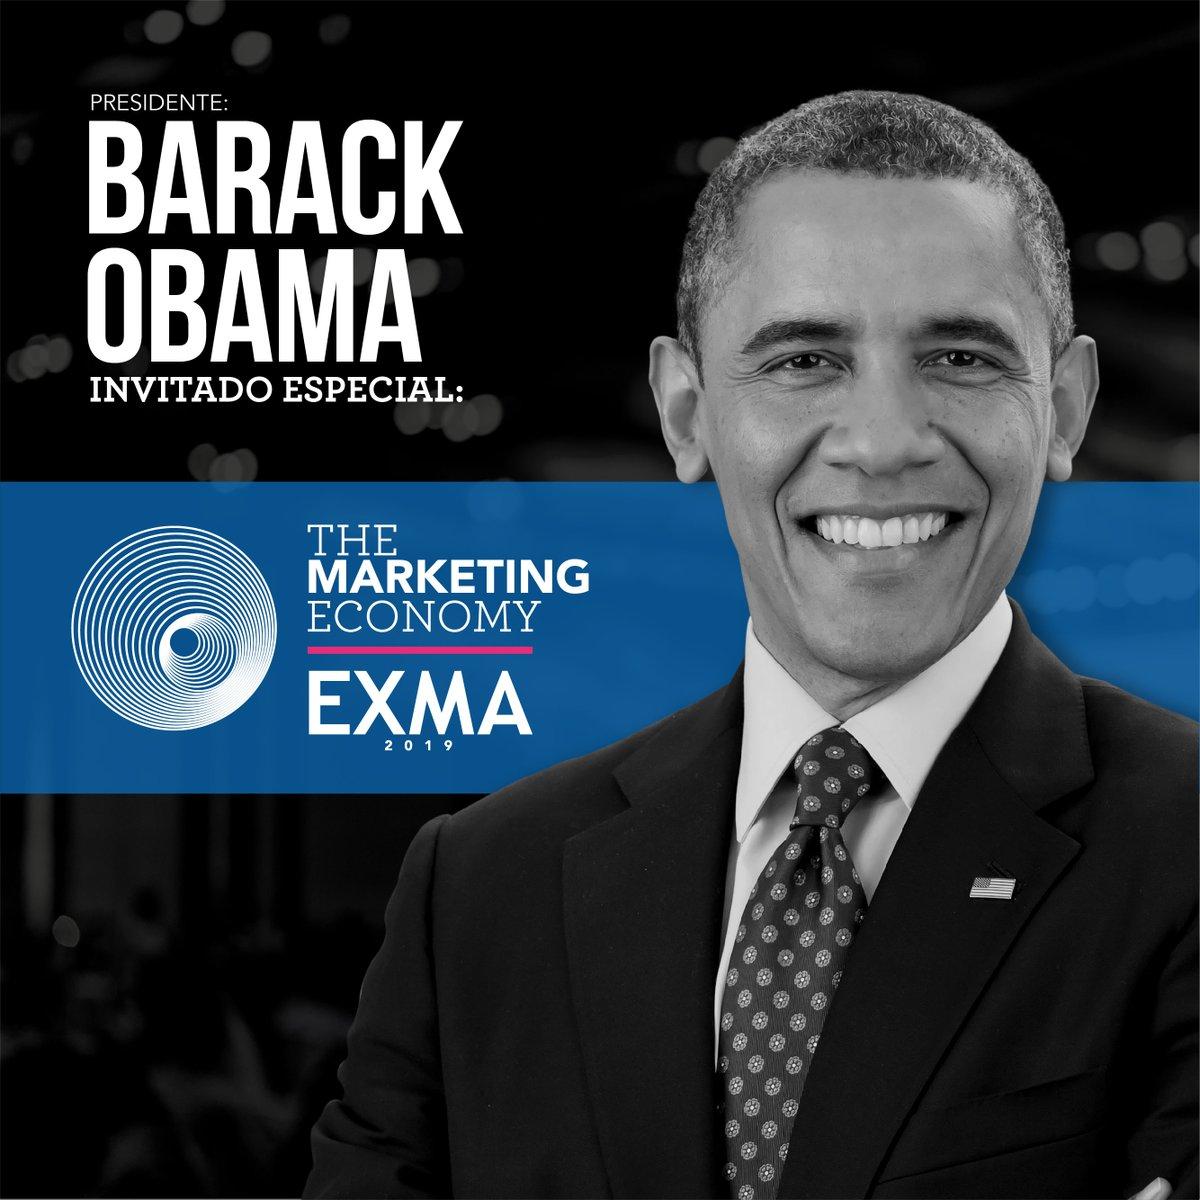 Obama está en Colombia y esto es lo que cuesta tomarse una foto con él